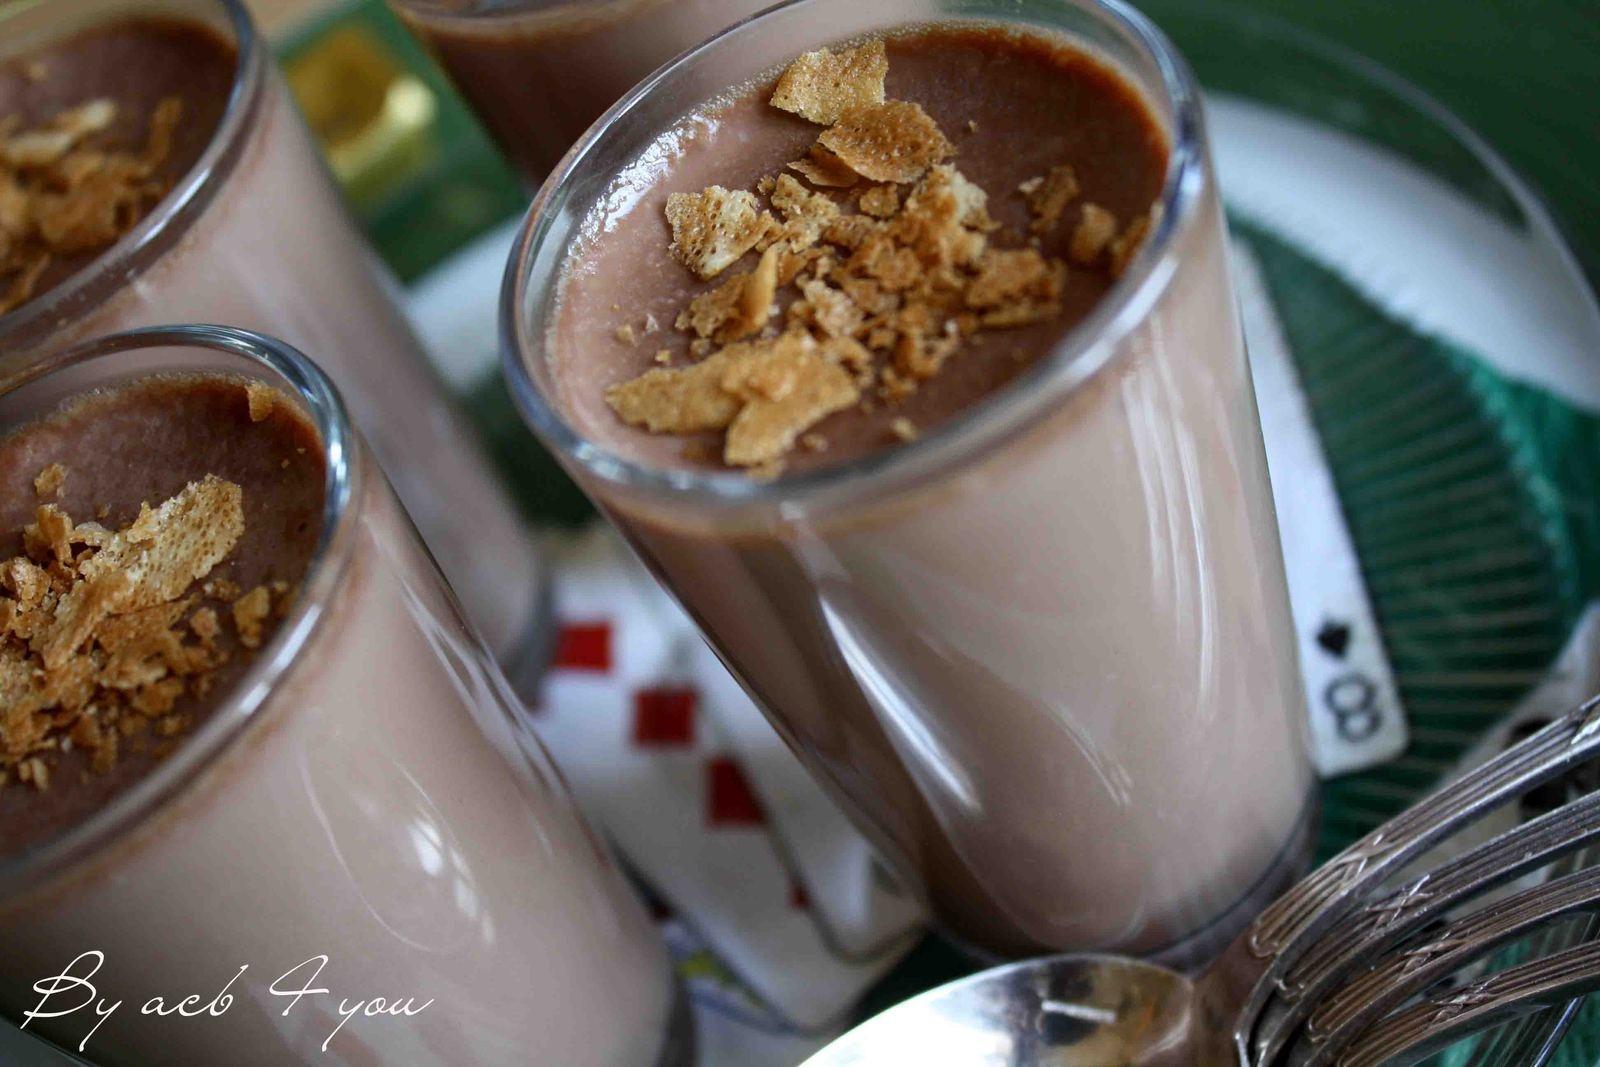 Panna cotta au chocolat au lait